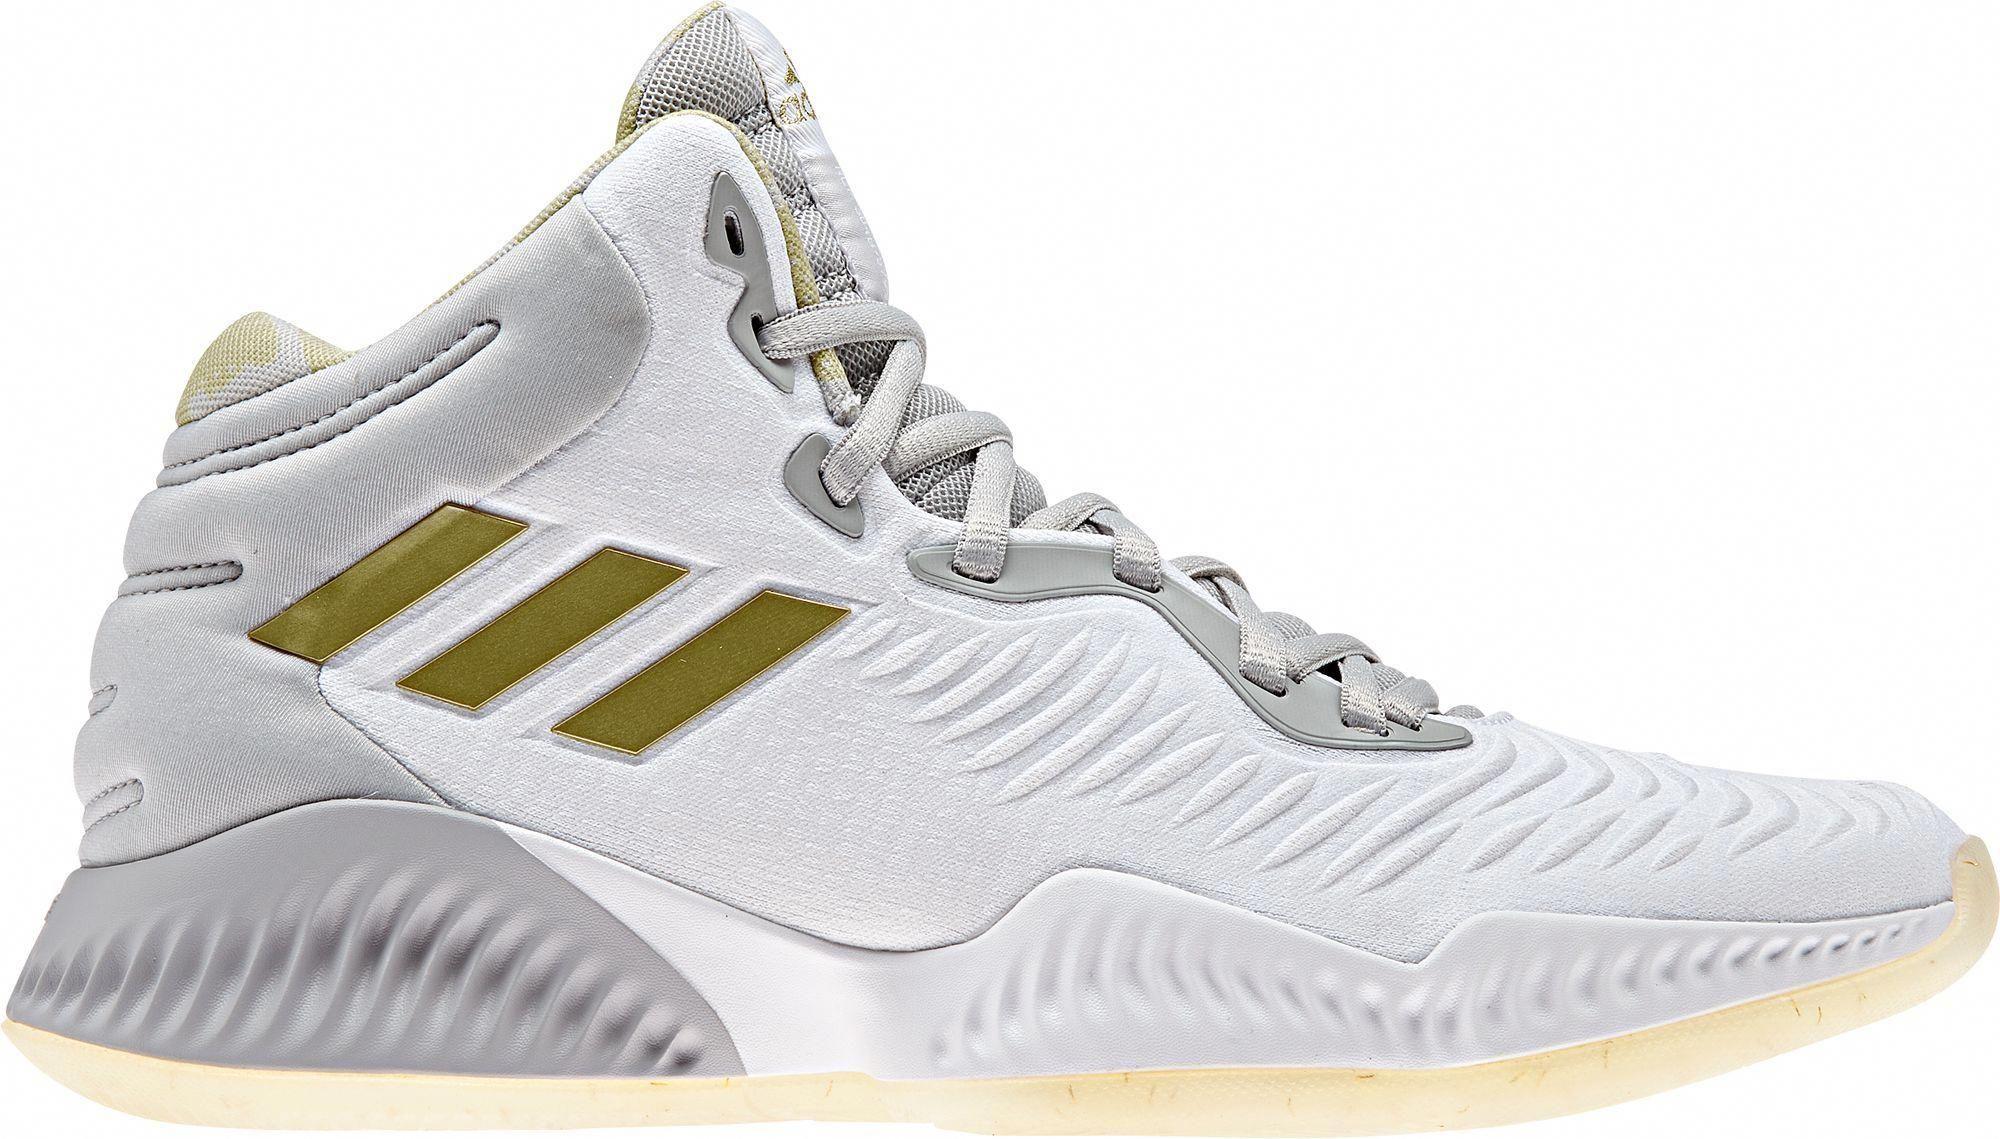 9ec8291c382ea adidas Men s Mad Bounce 2018 Basketball Shoes